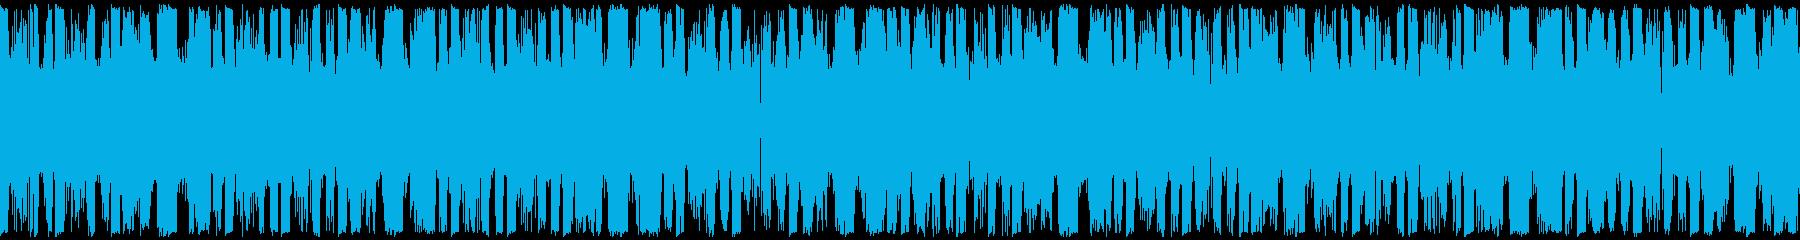 EDM、サイバー系ゲーム等、ループ②の再生済みの波形